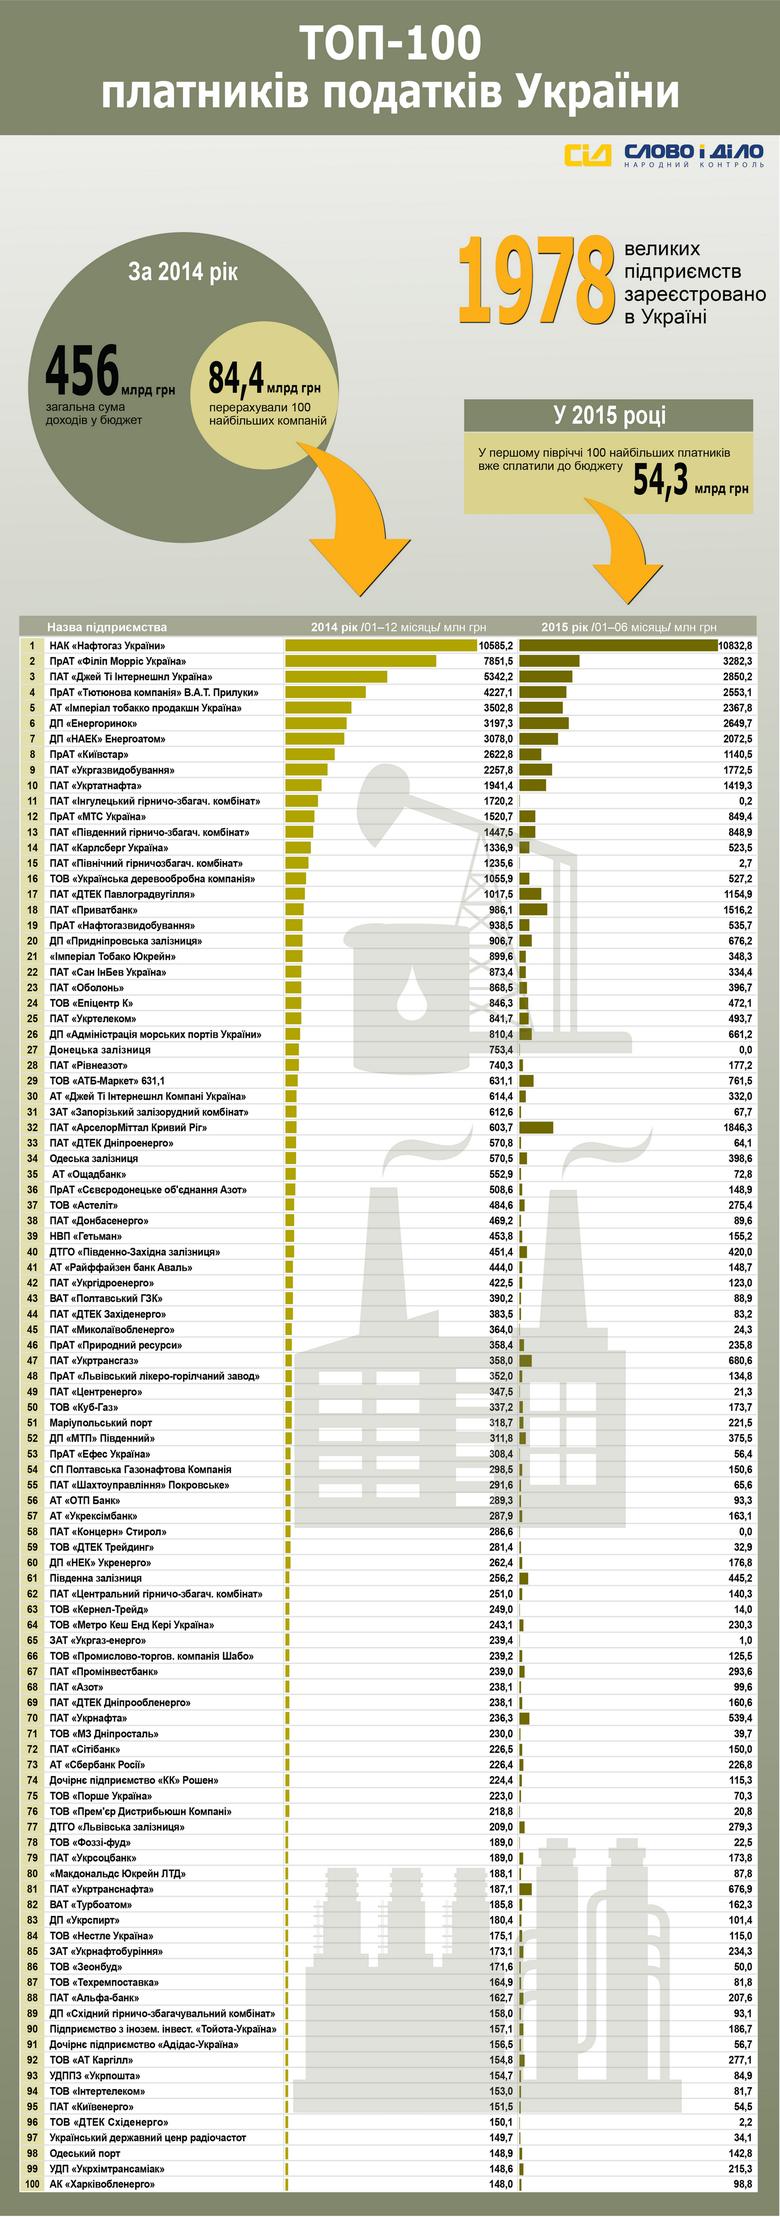 Серед 100 найбільших платників податків України – енергетичні підприємства, тютюнові, транспортні, металургійні й гірничозбагачувальні компанії, а також банки, пивоварні та мобільні оператори.